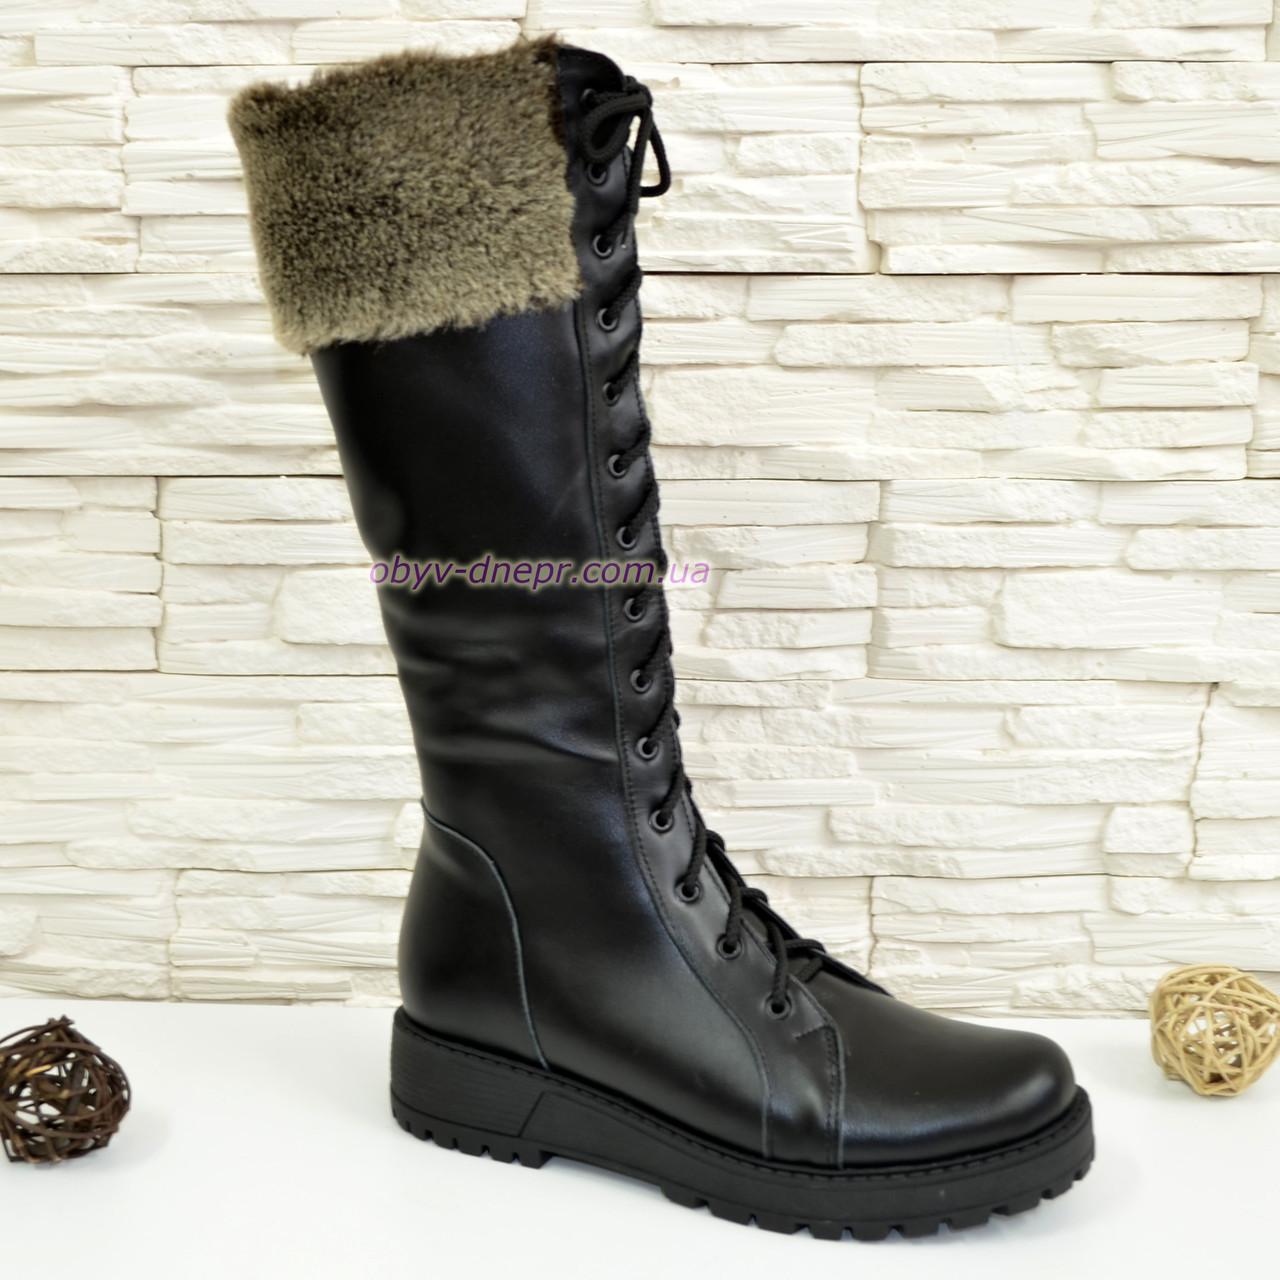 Сапоги кожаные женские демисезонные на шнуровке.